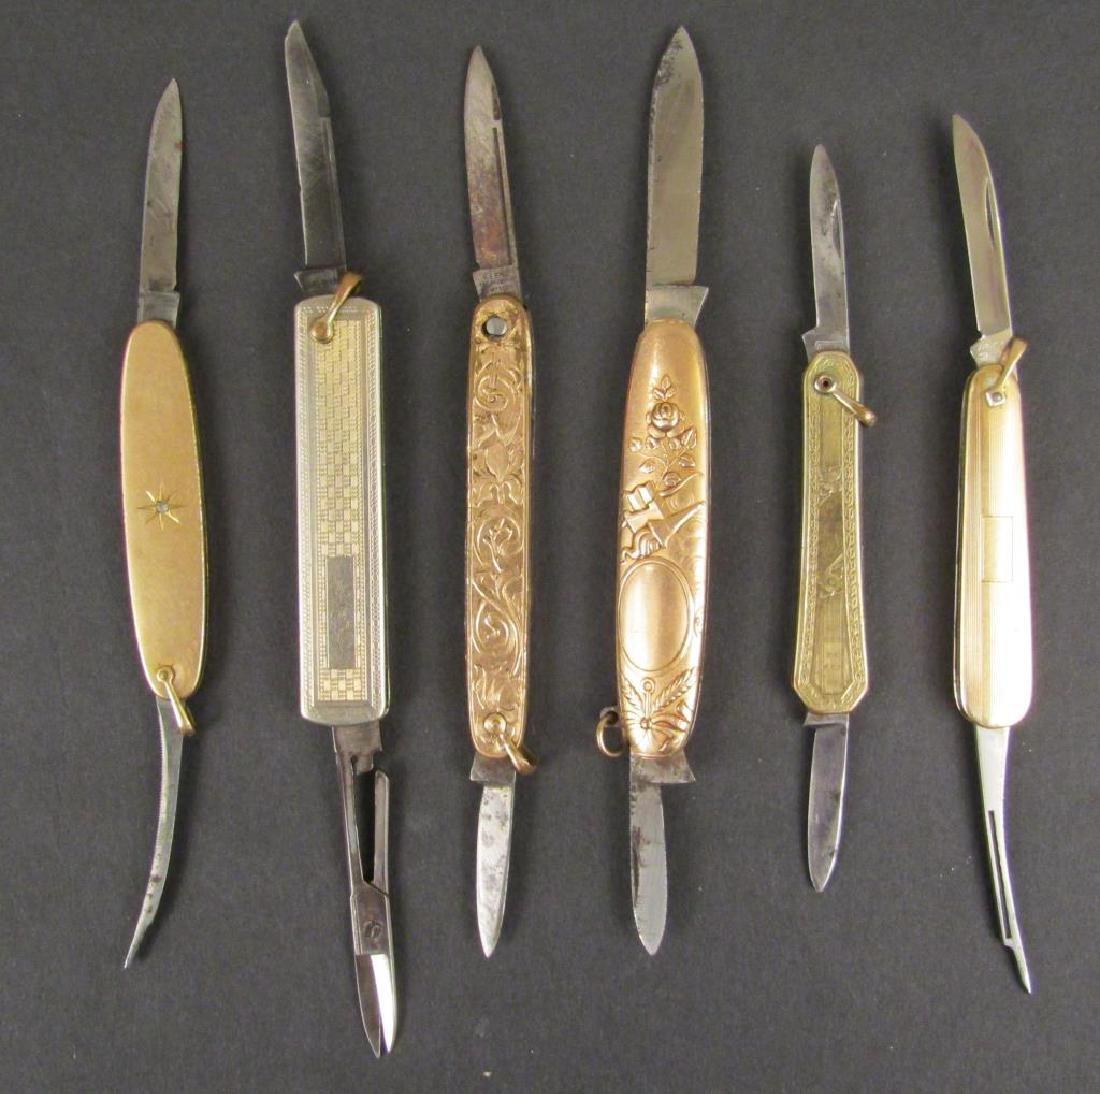 6 Gold Filled Pocket Knives - 2